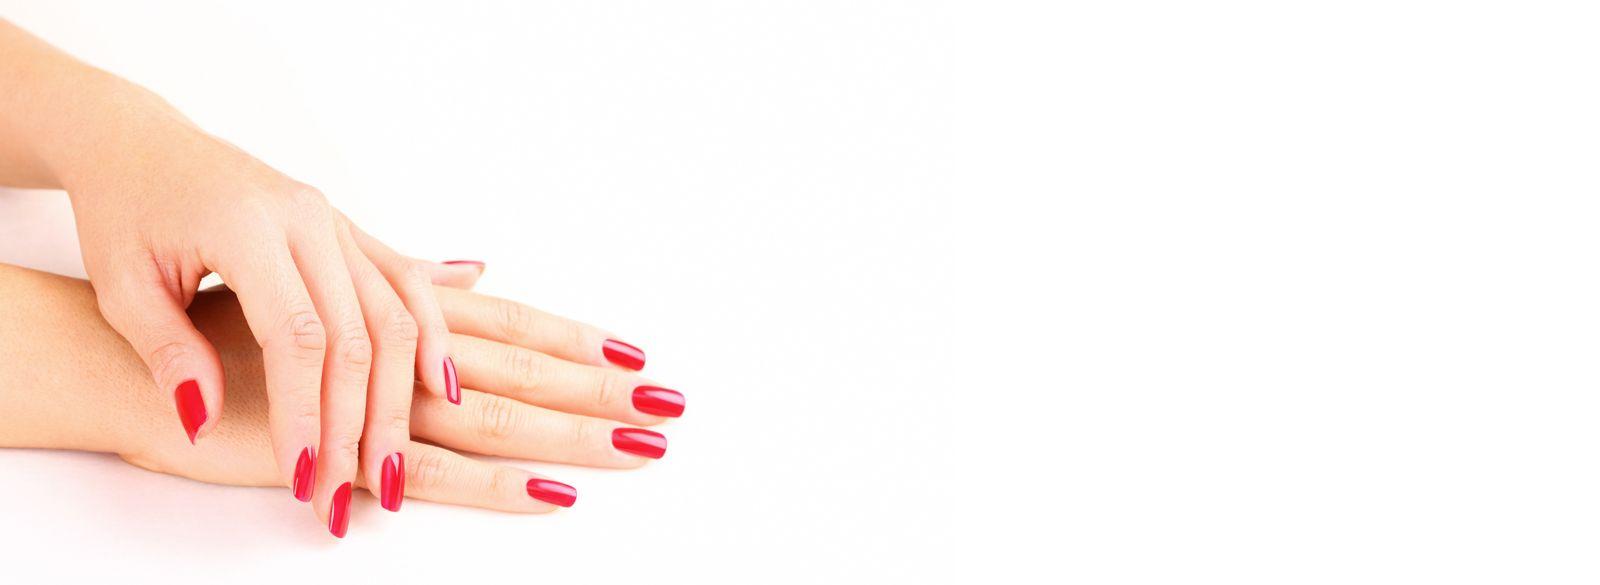 Manicuras y pedicuras: Servicios de Uñas y Belleza